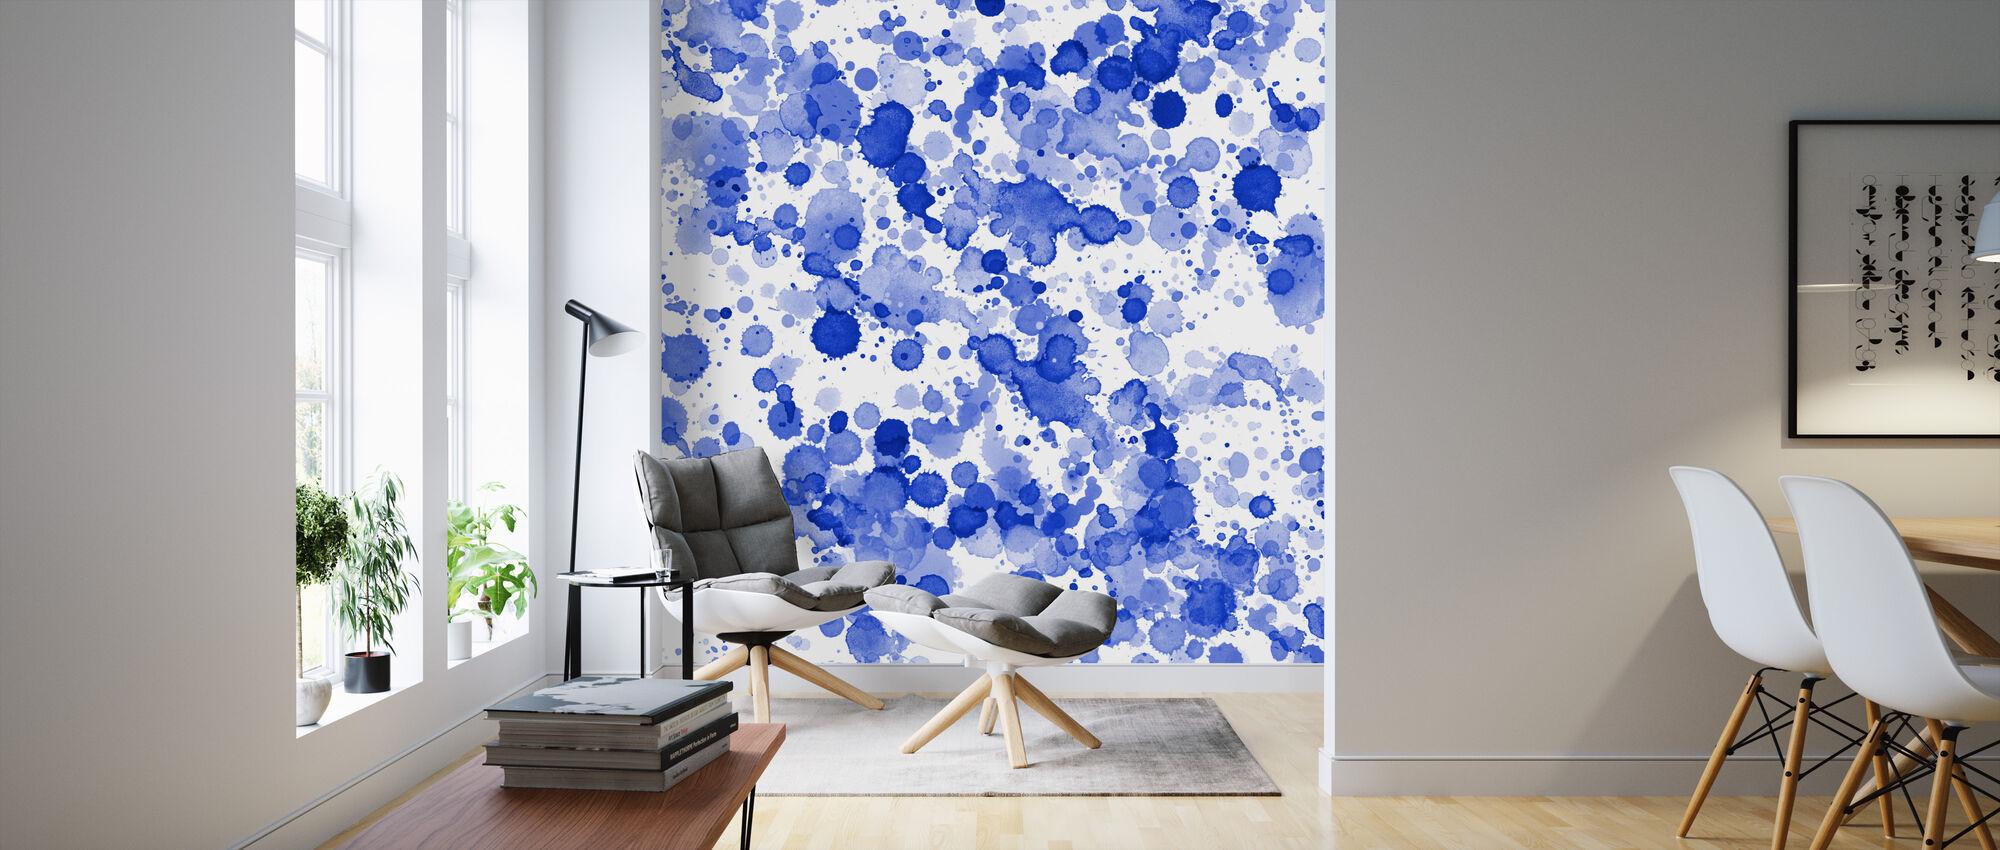 Blue Drops - Wallpaper - Living Room